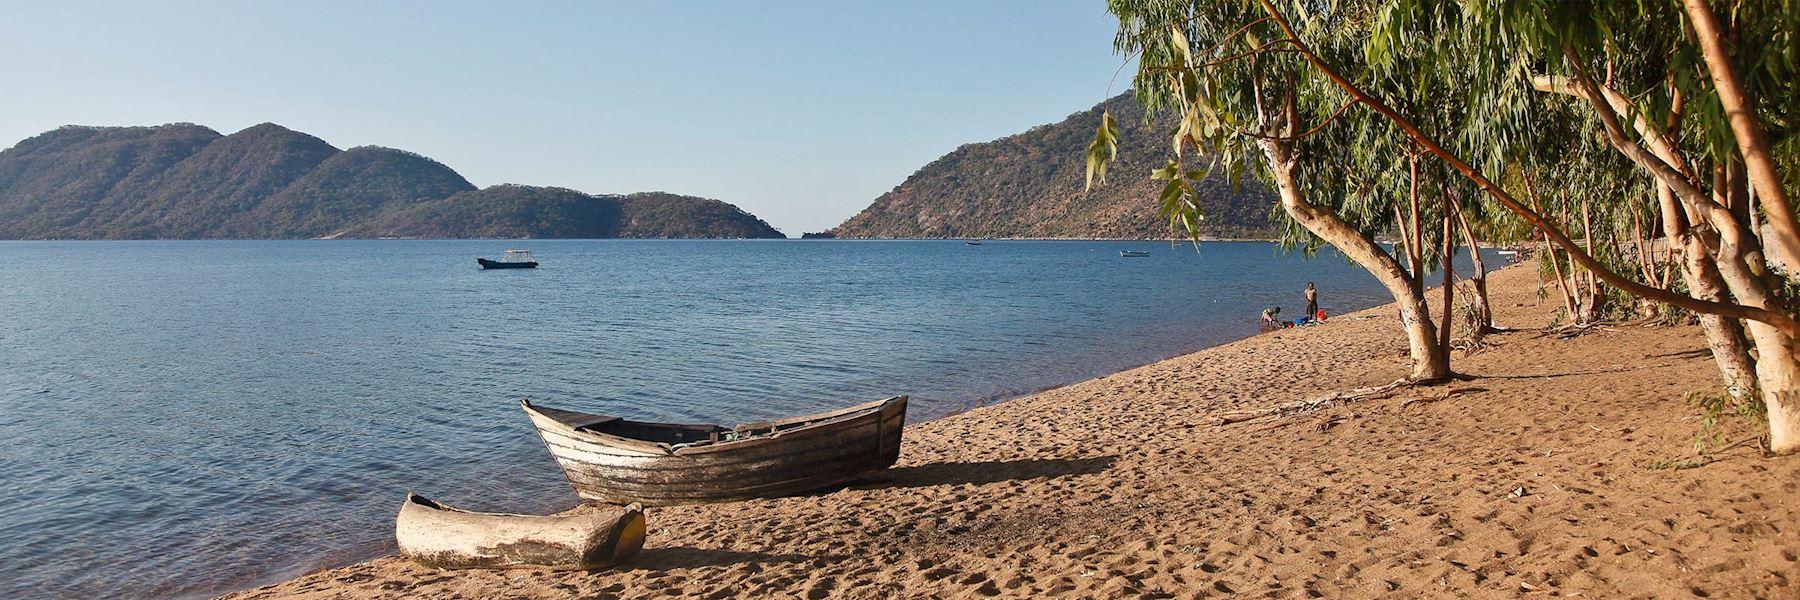 Visit Lake Malawi, Malawi